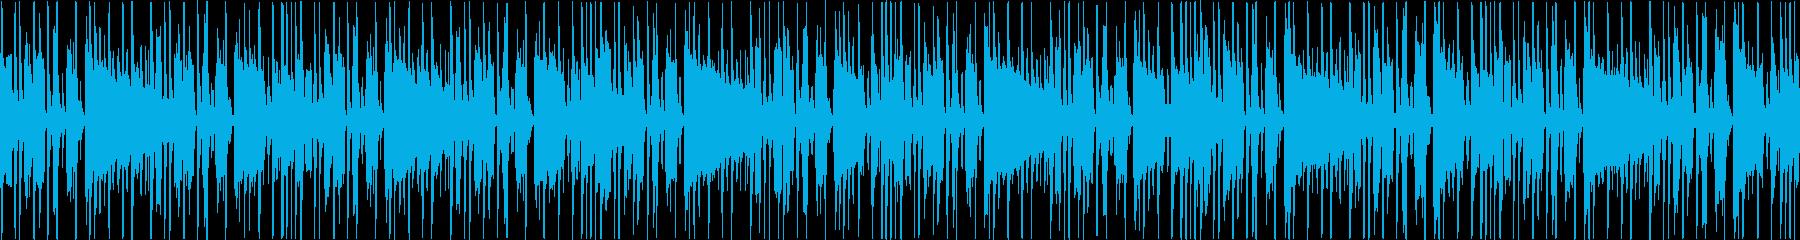 シンプルなファンク風のシンキングタイムの再生済みの波形